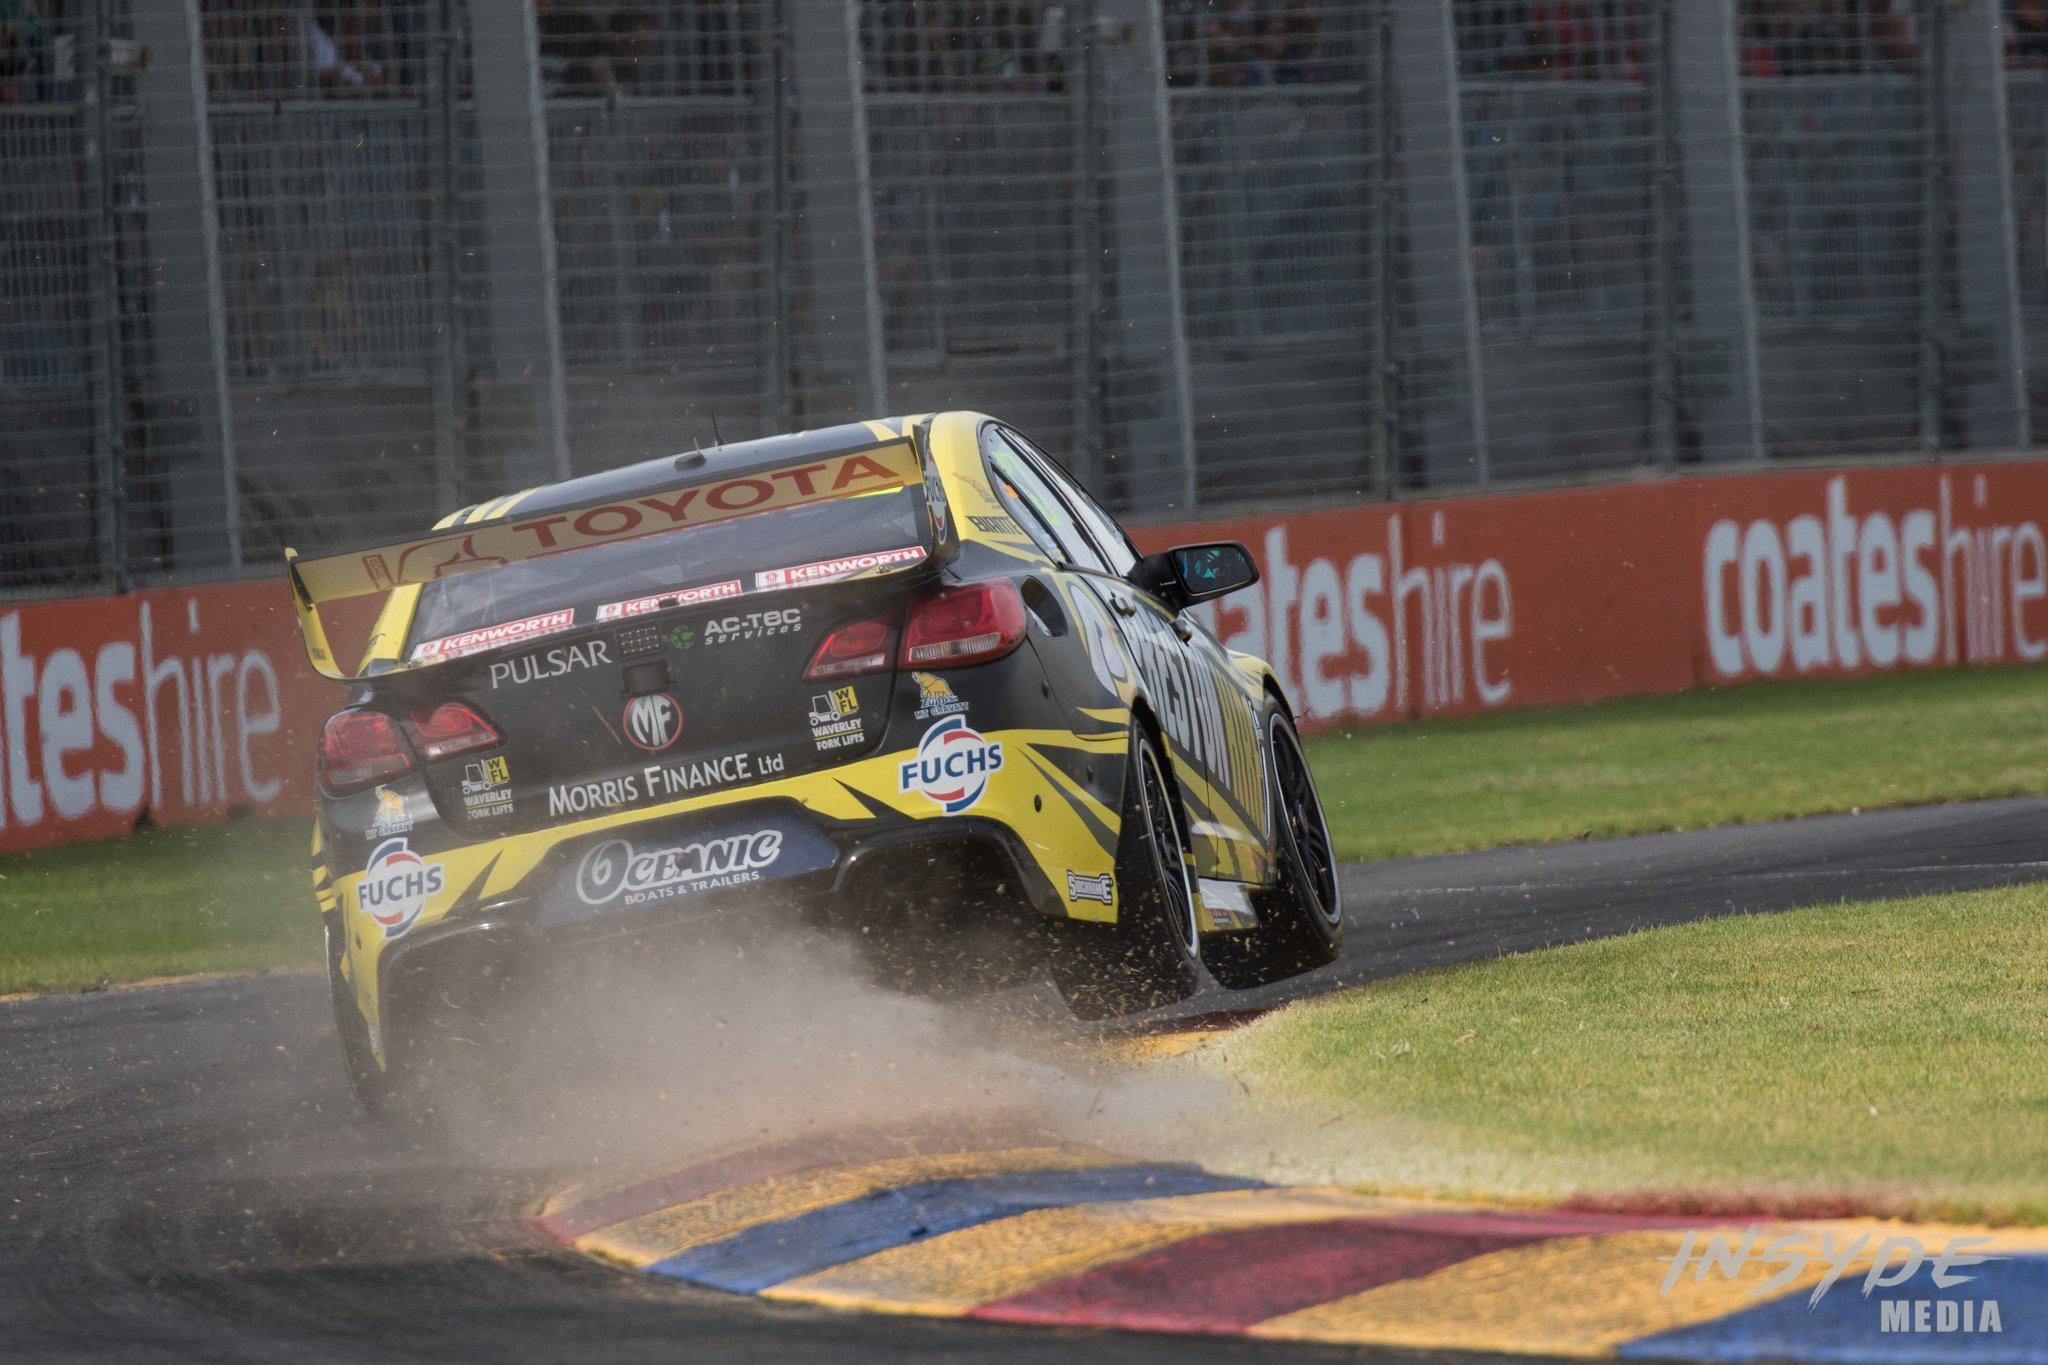 Motorsport-VASC-InSydeMedia-011